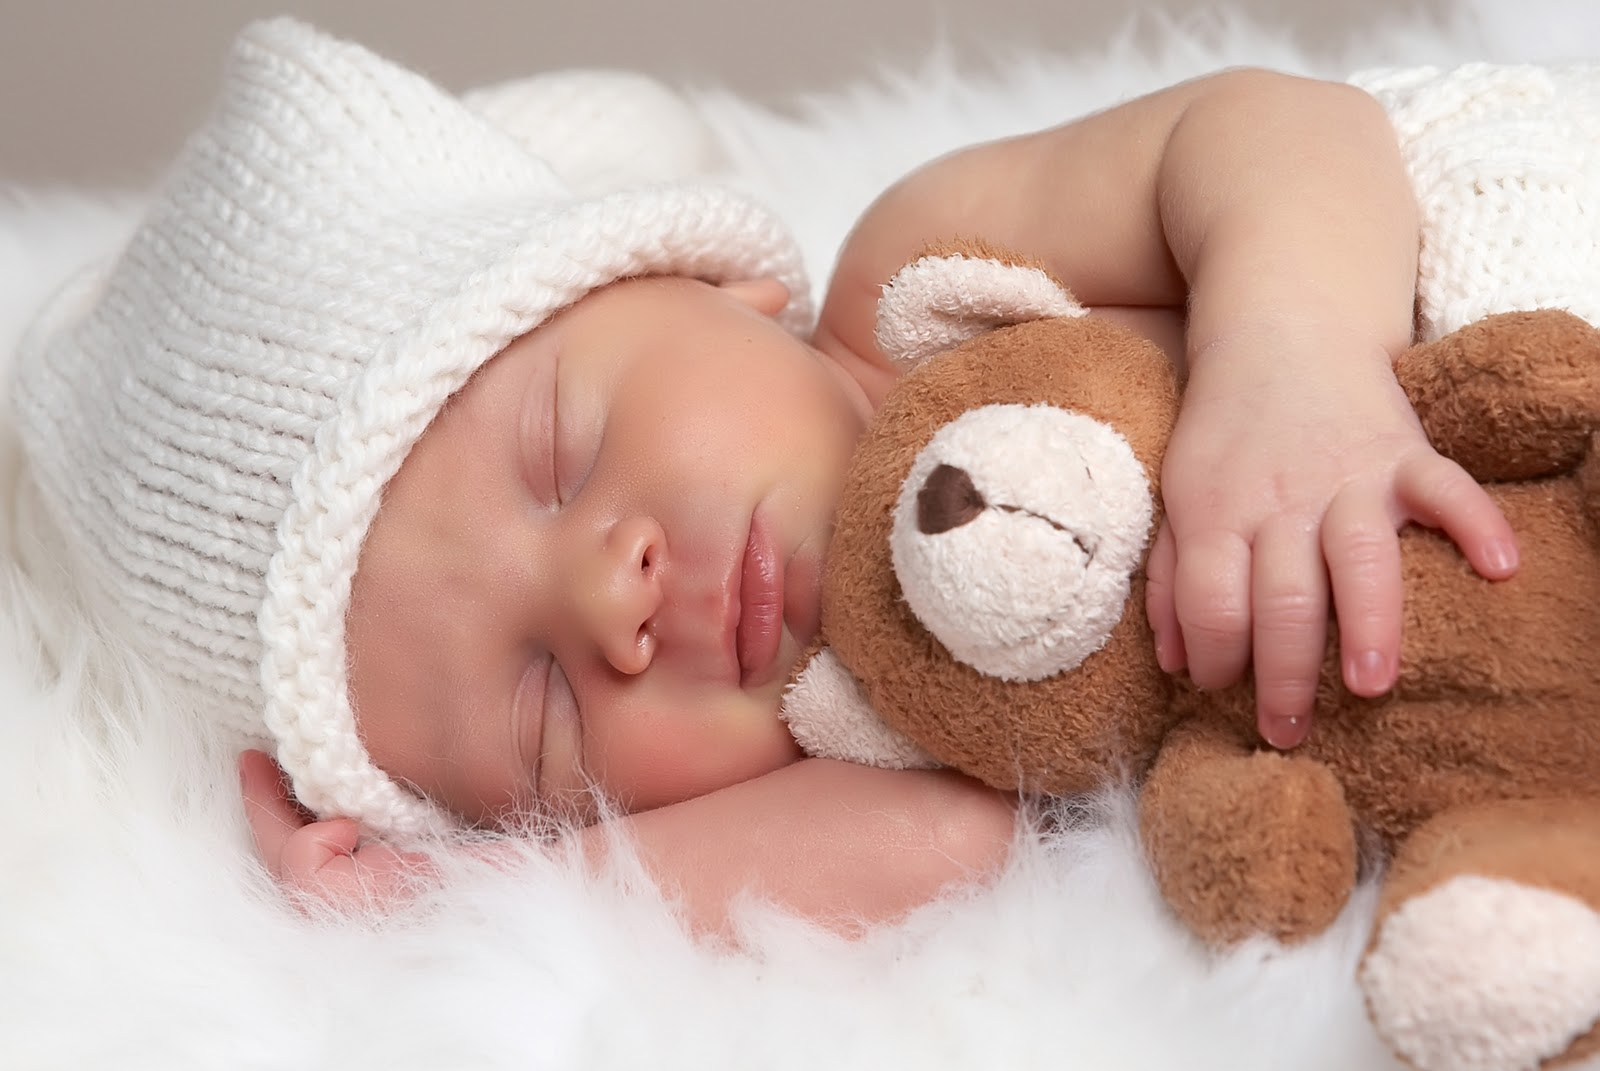 http://4.bp.blogspot.com/_WOWQJUlRtKQ/TO4ESOfZYrI/AAAAAAAAAGE/7v4fhMmMYj4/s1600/baby%2B%2525283%252529.jpg